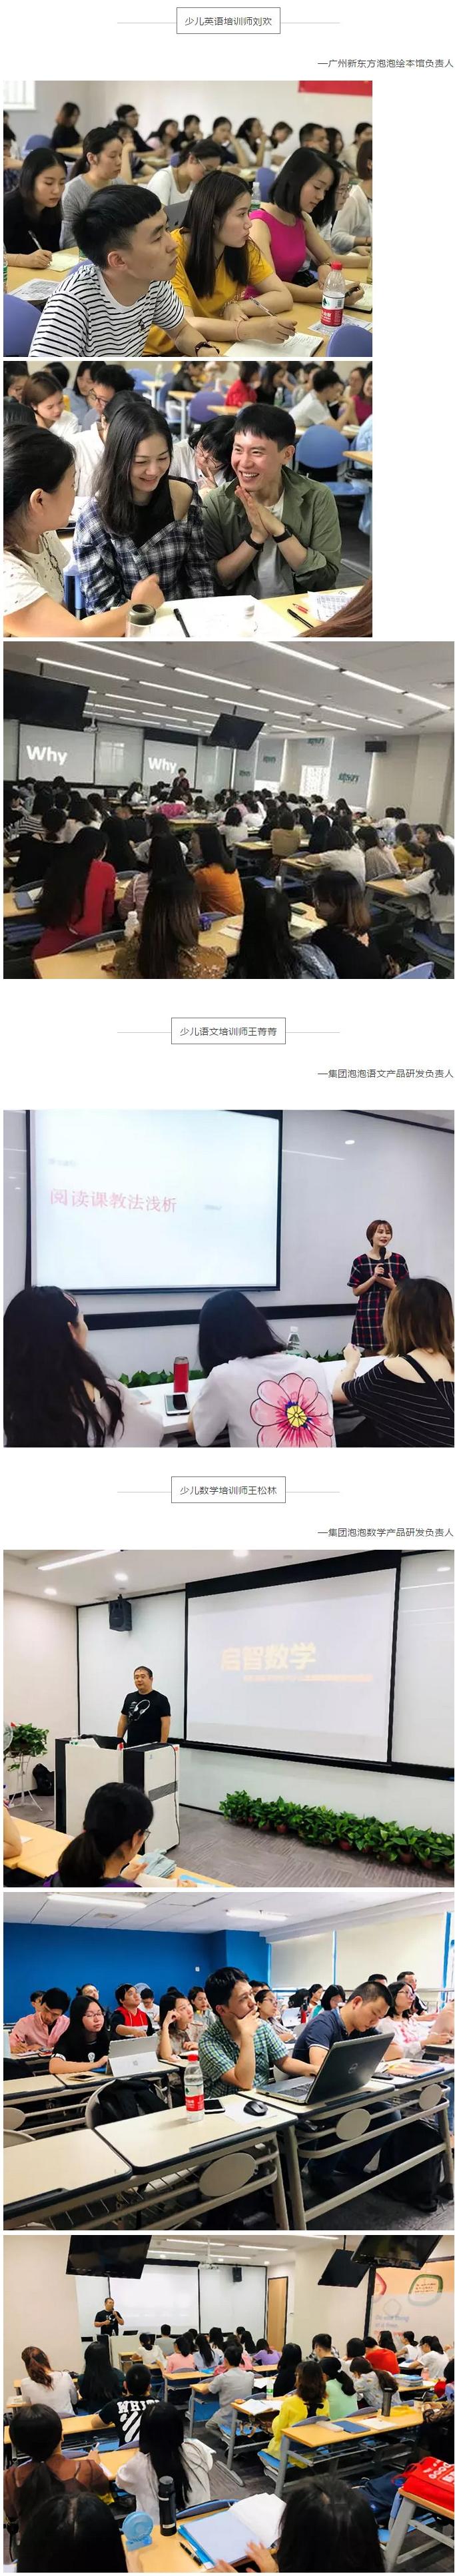 2019财年新东方长沙学校首届K12骨干教师培训圆满落幕!